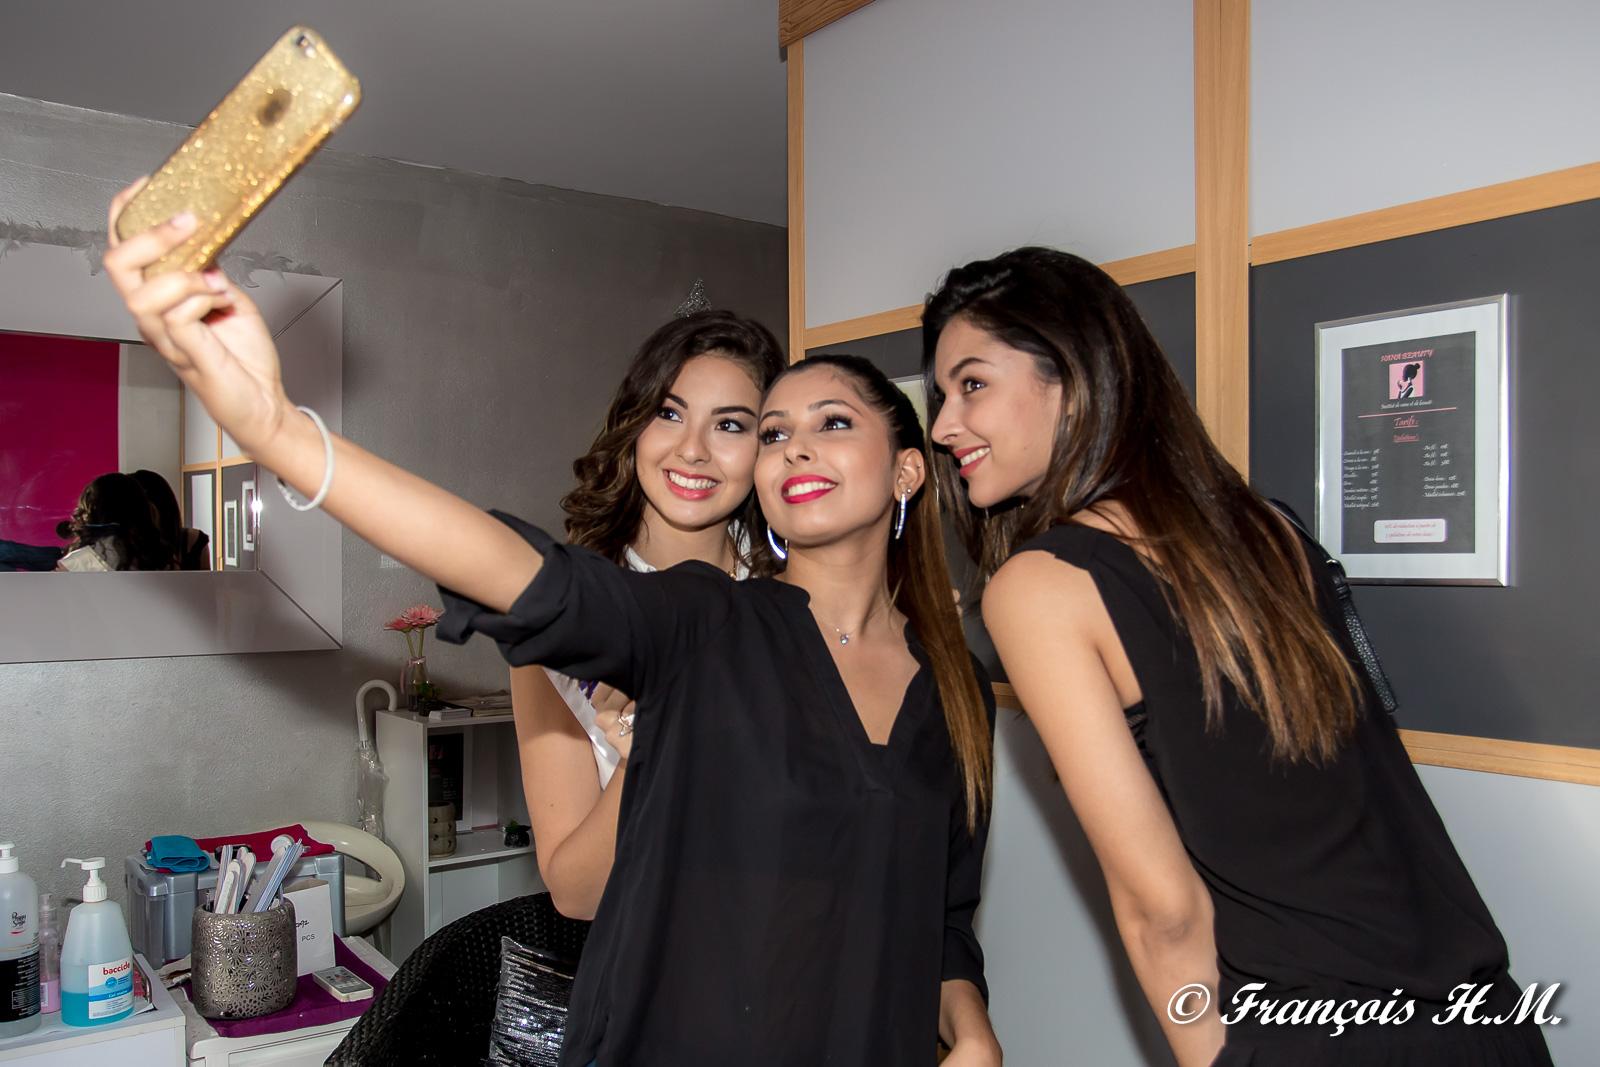 Le selfie... évidemment!